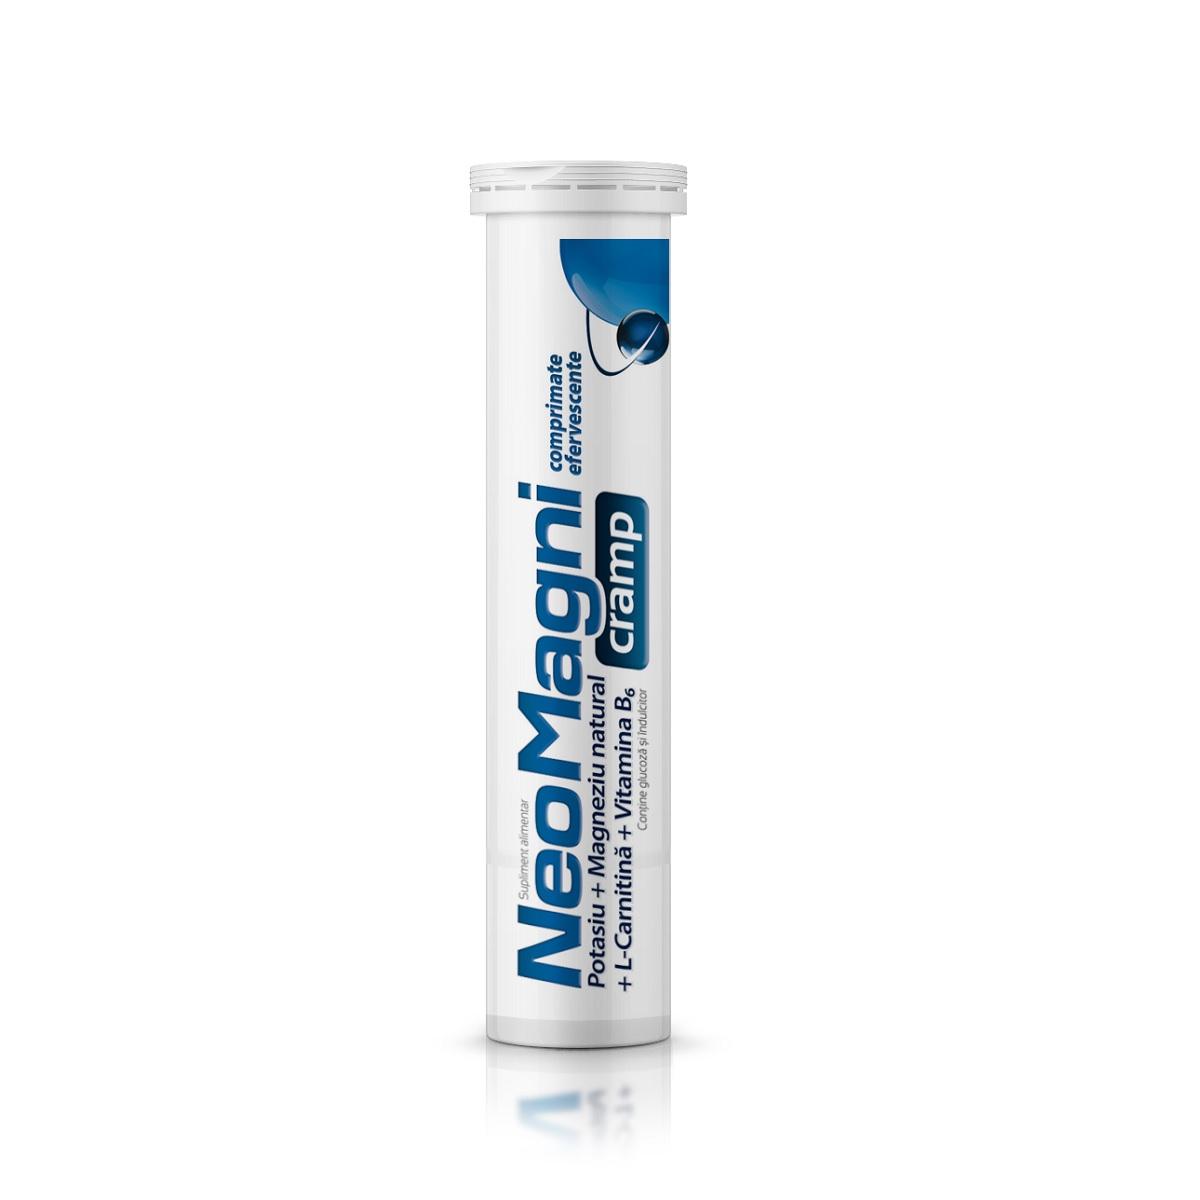 NeoMagni cramp, 20 comprimate efervescente, Aflofarm imagine produs 2021